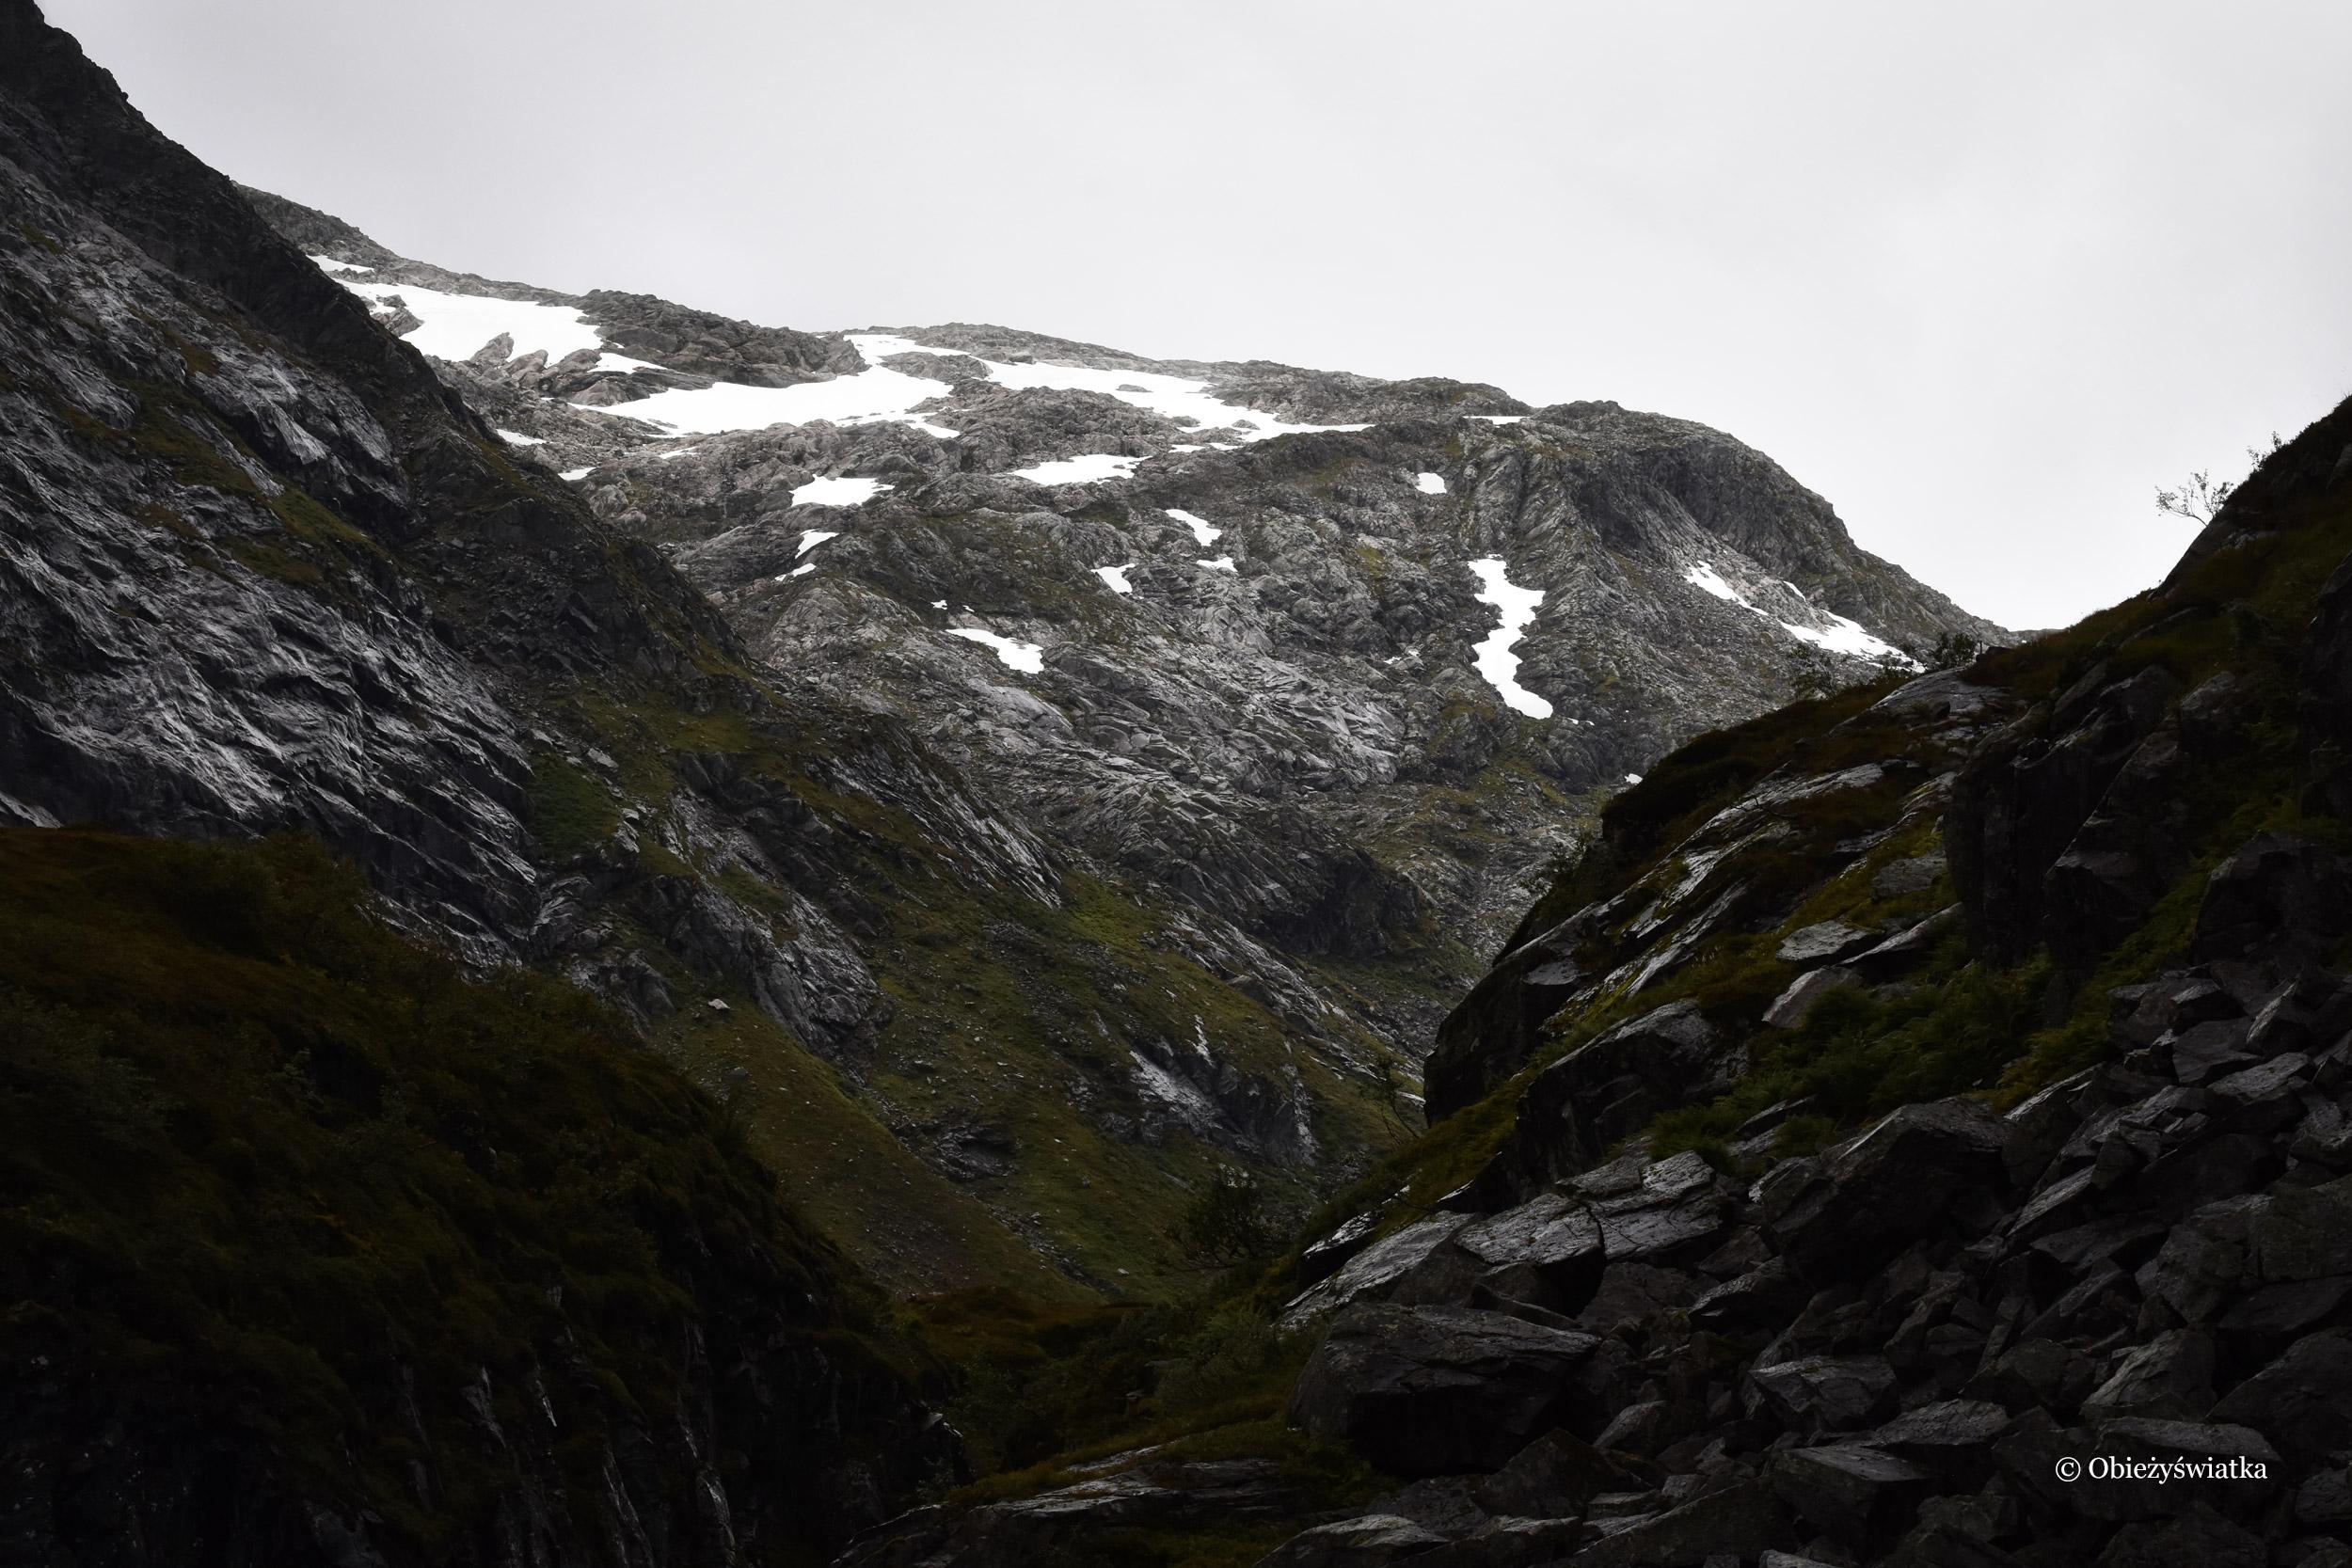 Ośnieżone szczyty gór, Gaularfjellet, Norwegia